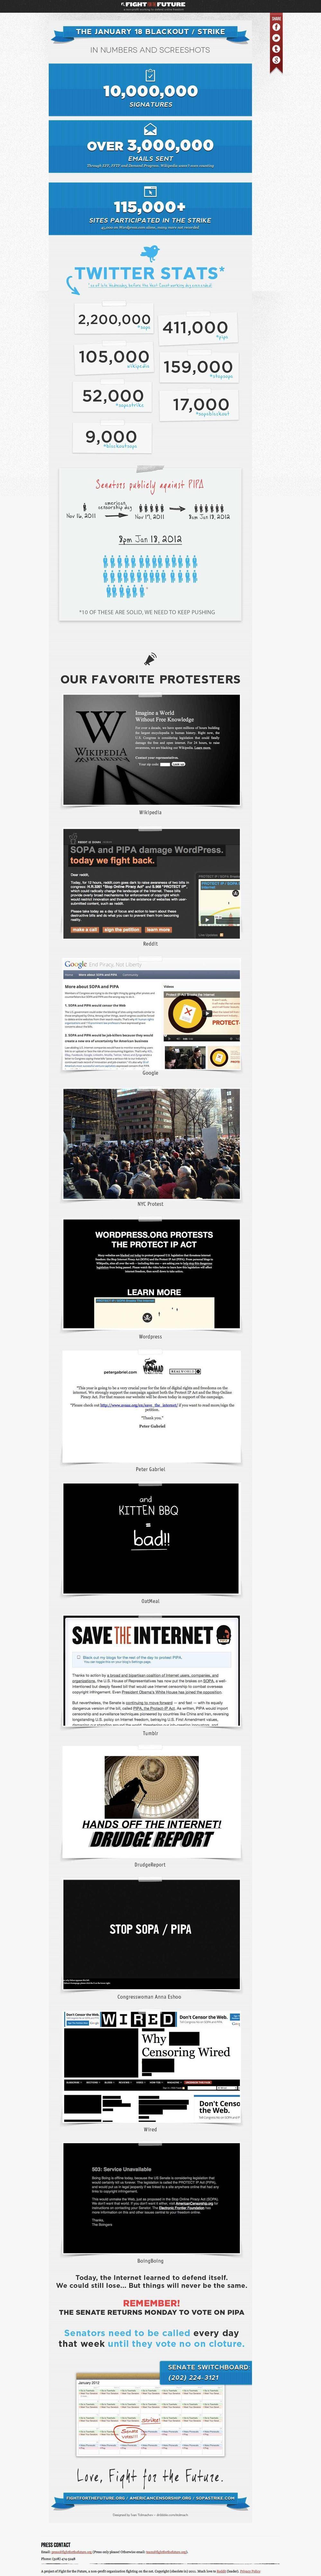 sopa strike www.wahyu-winoto.com